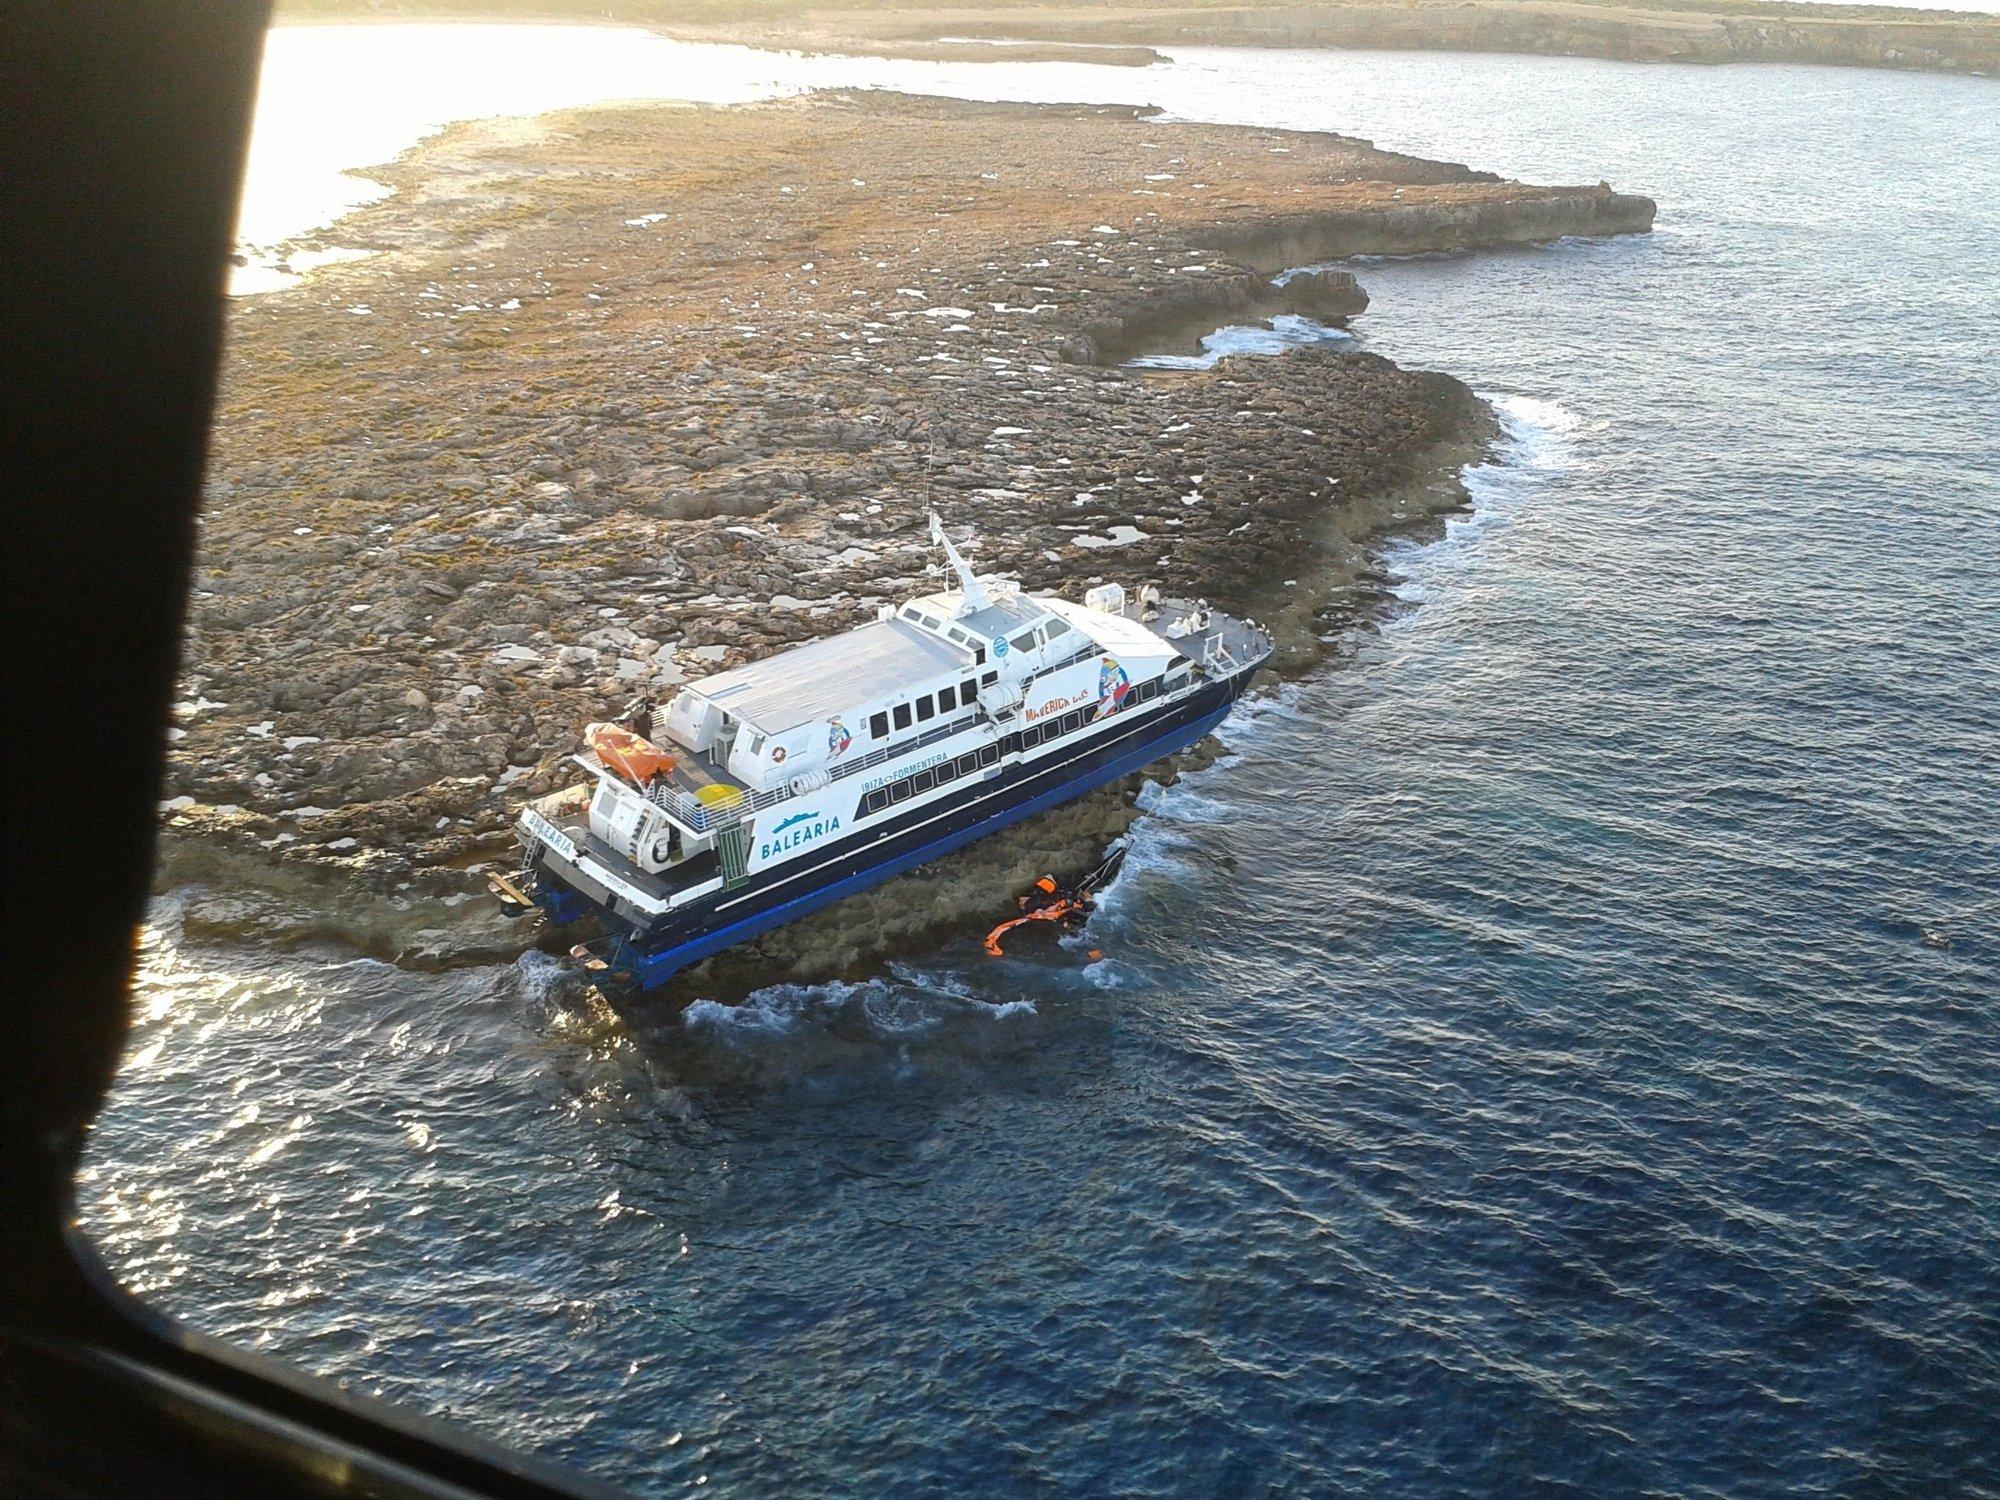 Baleària continúa con la descontaminación del buque varado y prevé presentar el plan de reflotamiento la próxima semana